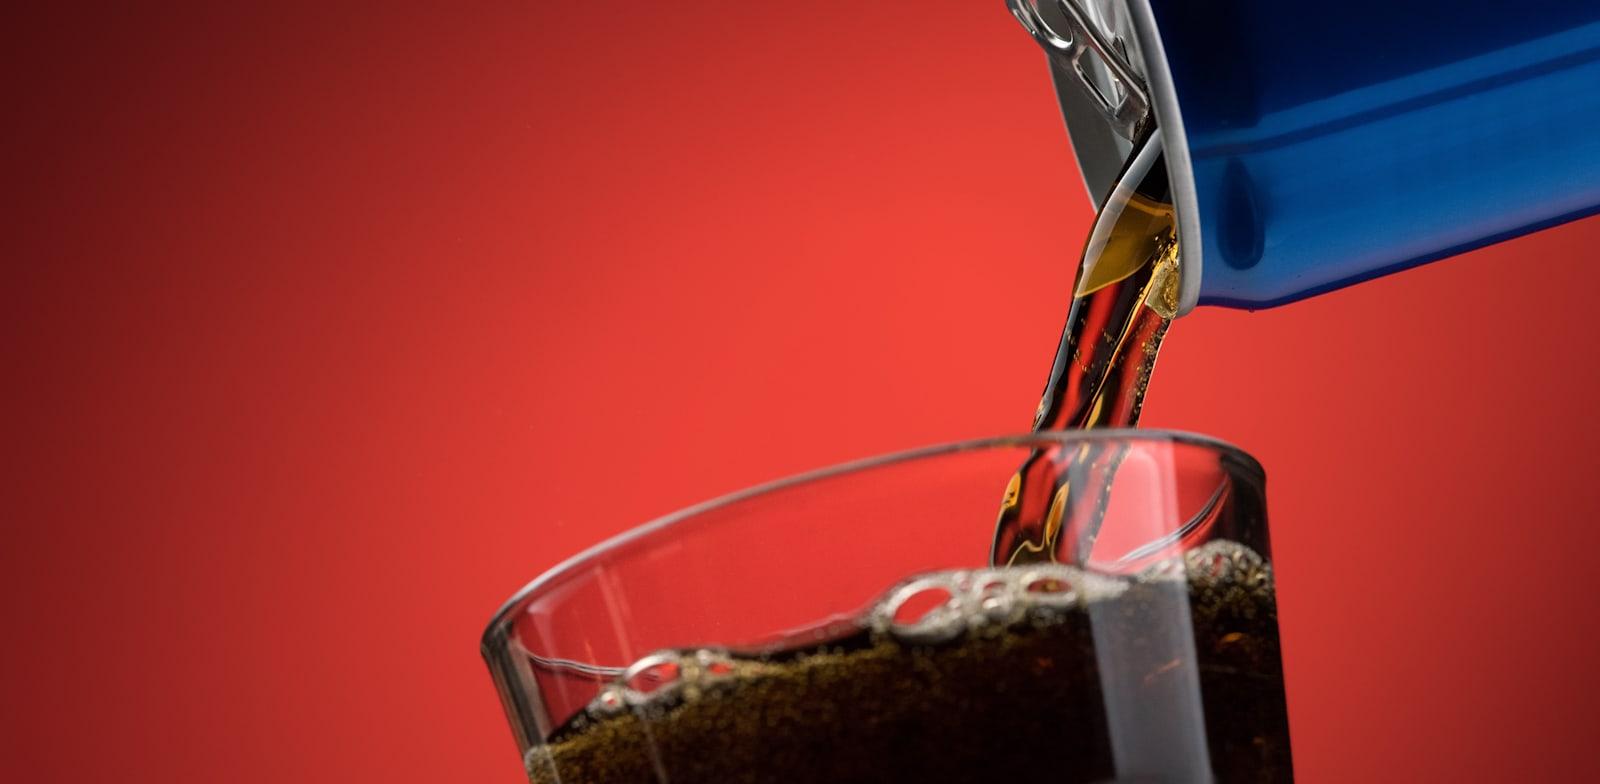 על-פי האגודה לבריאות הציבור, הישראלים קונים כ-780 מיליון ליטר משקאות קלים בשנה / צילום: Shutterstock